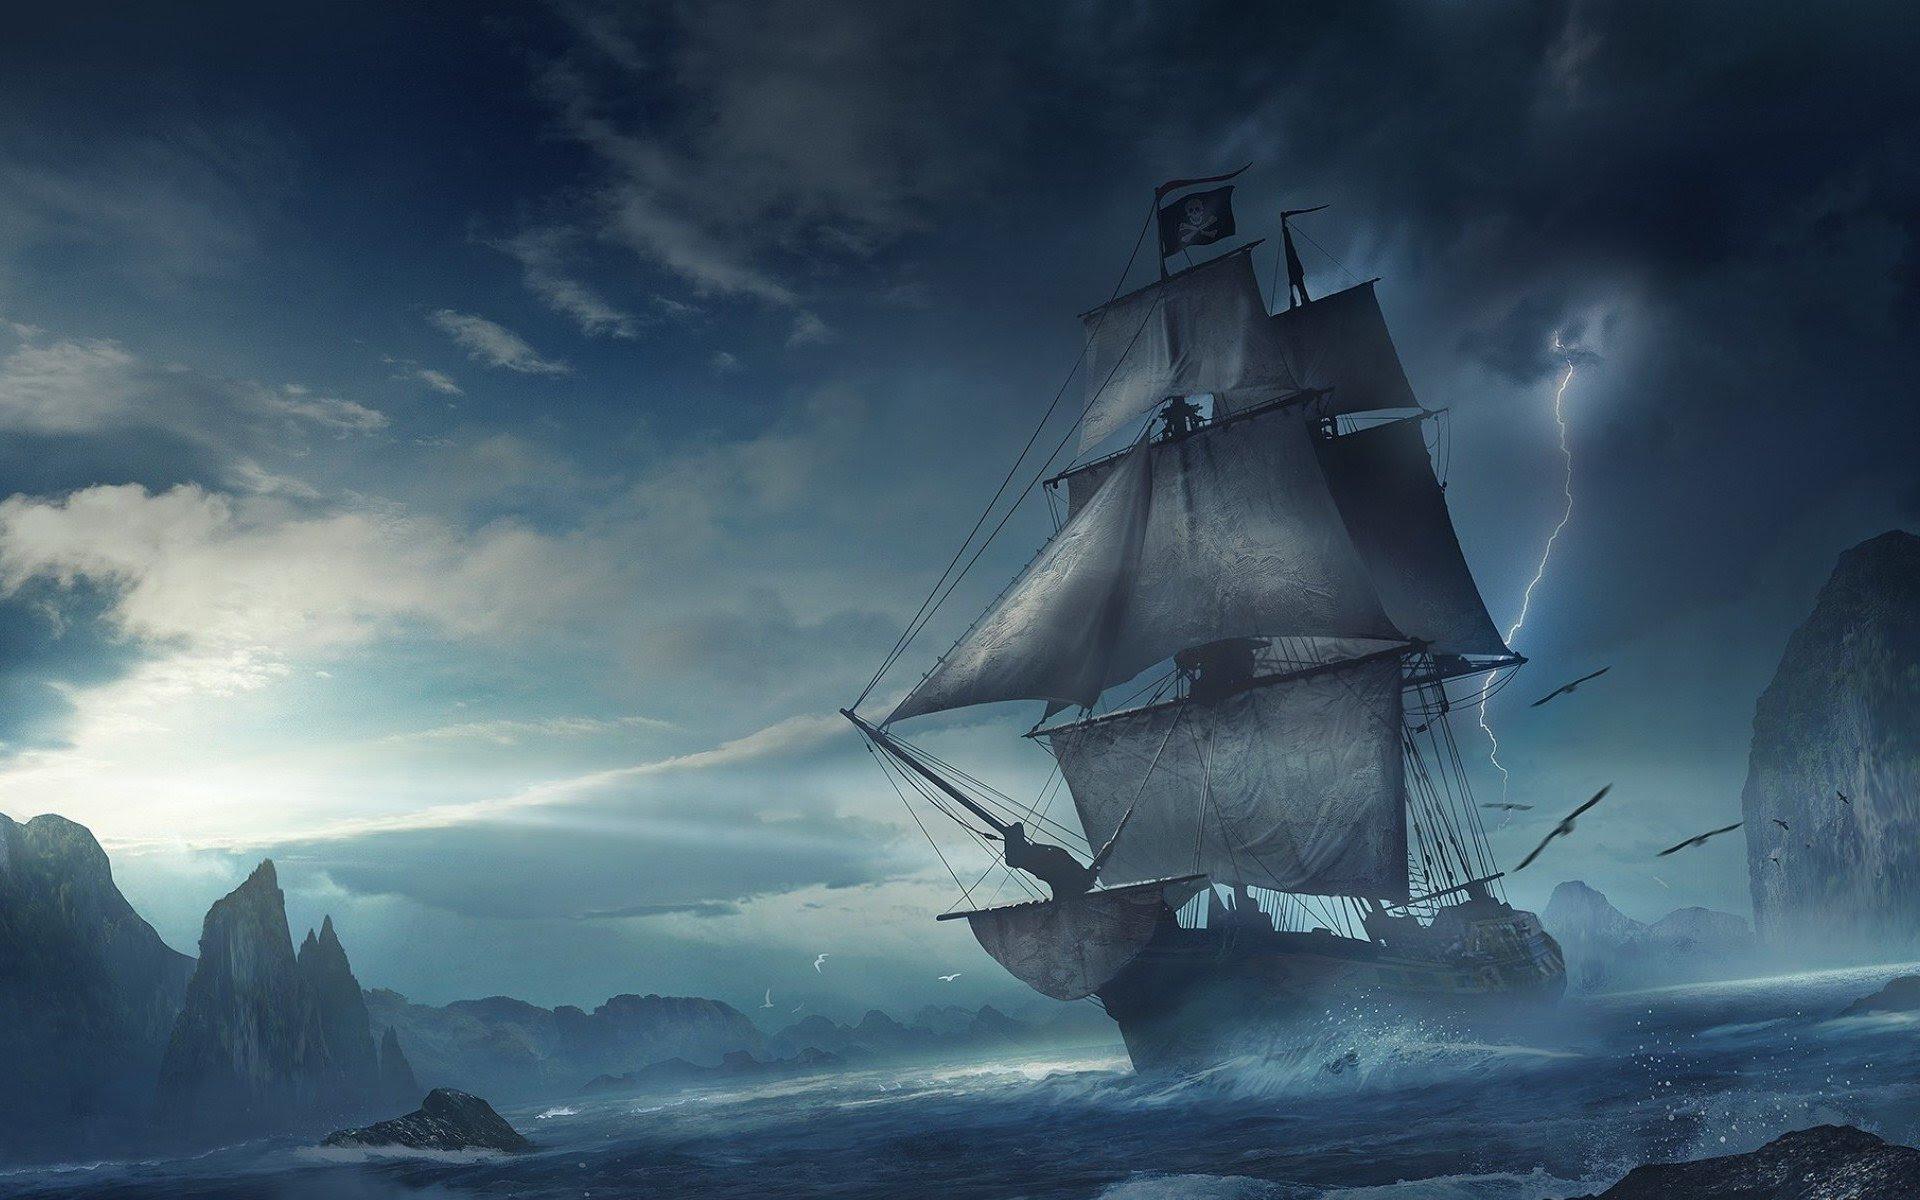 Pirate Ship Wallpaper Sf Wallpaper